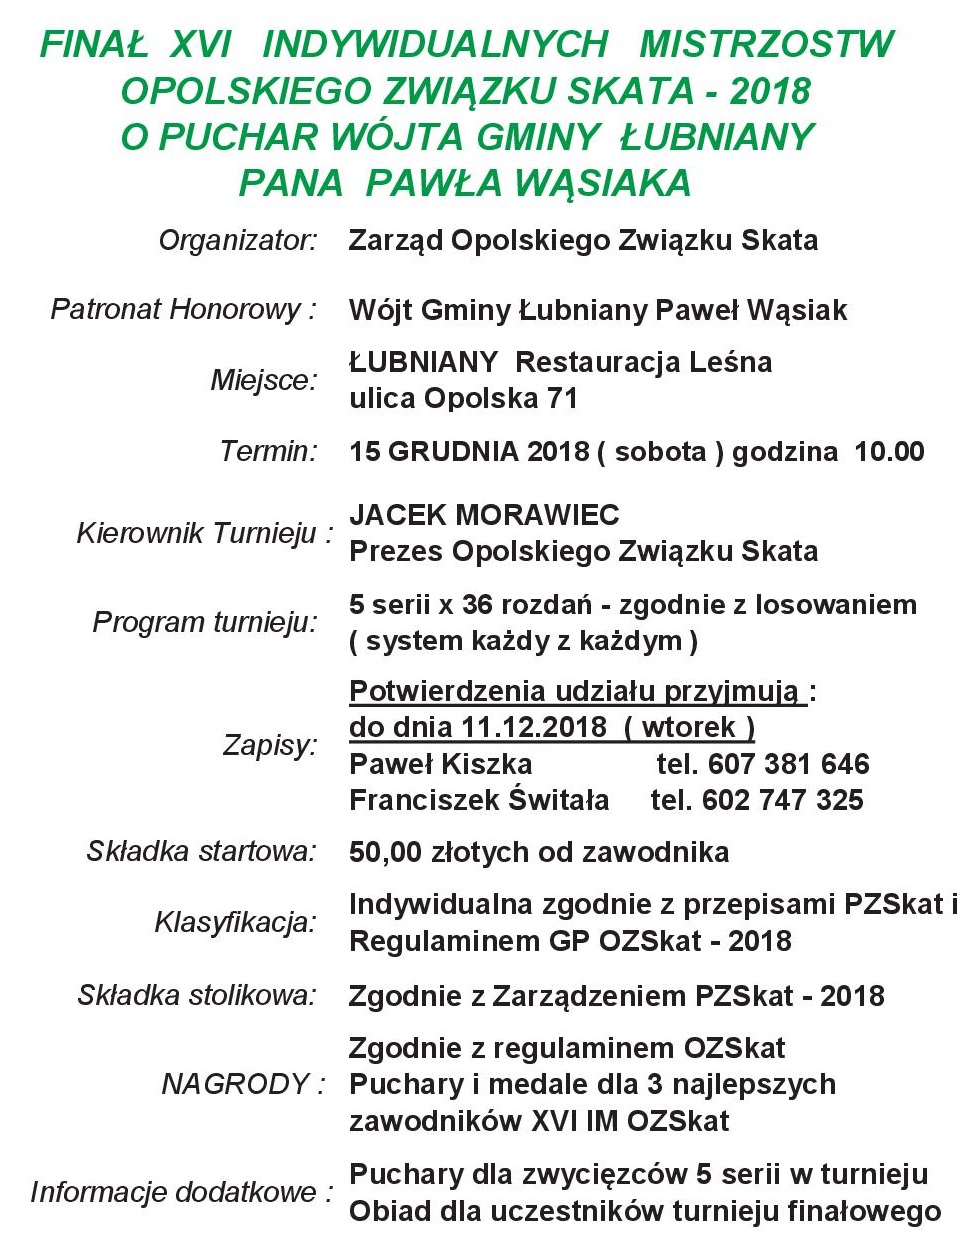 Finał XVI Indywidualnych Mistrzostw Opolskiego Związku Skata – 2018 o Puchar Wójta Gminy  Łubniany Pana Pawła Wąsiaka